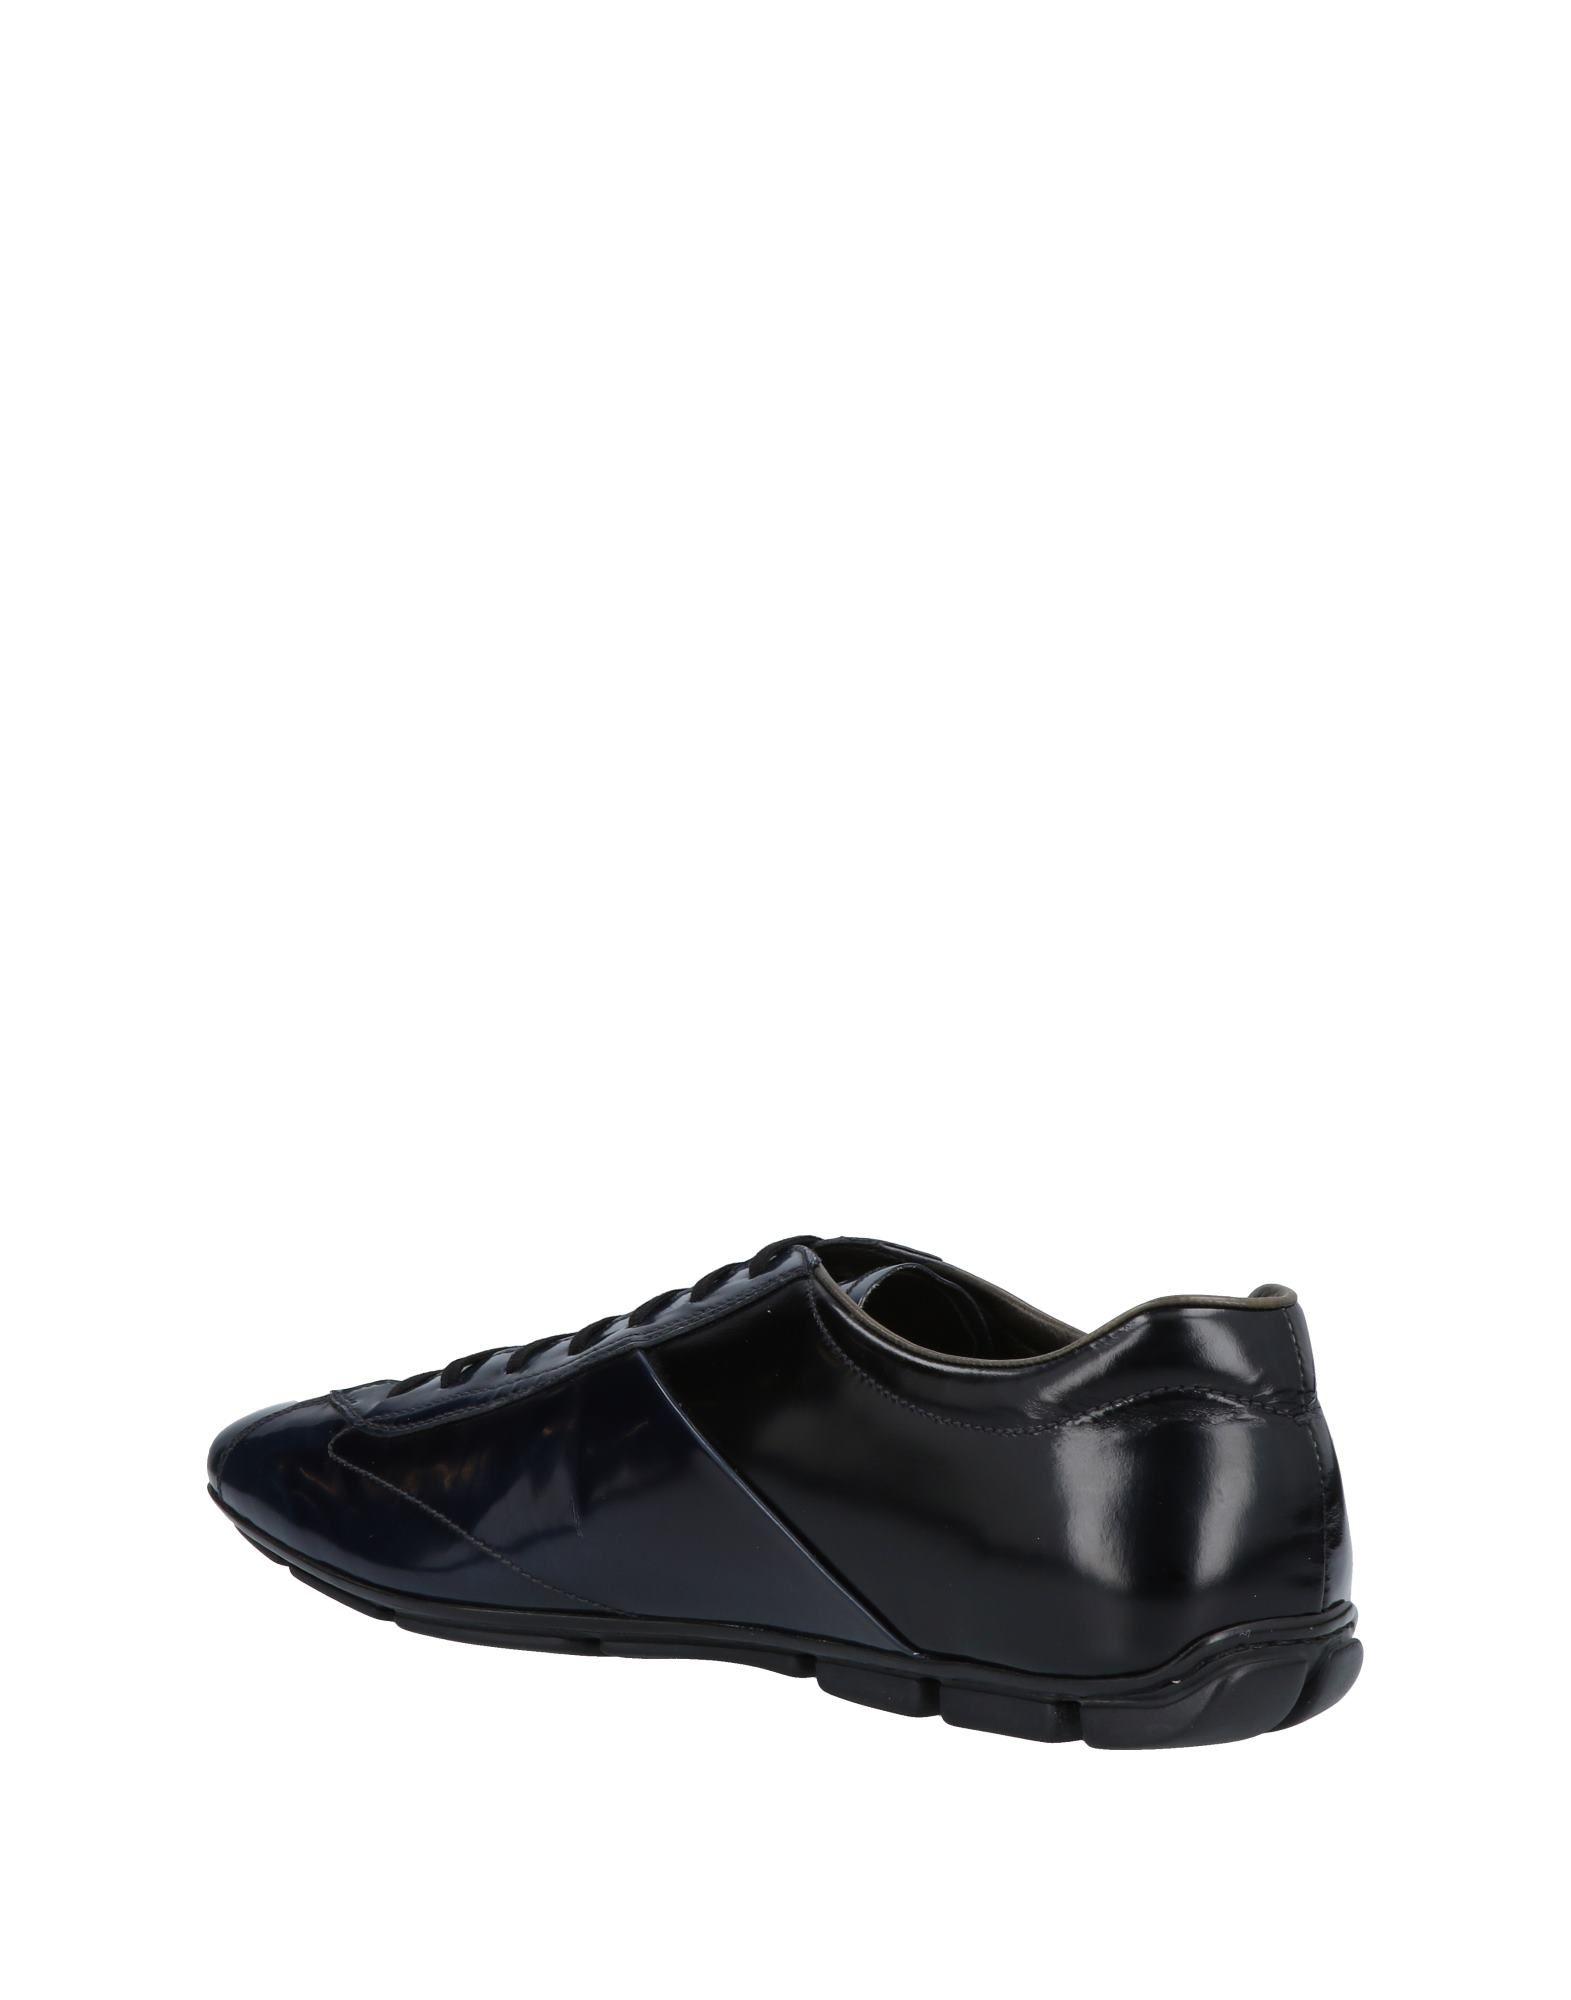 Sneakers Prada Homme - Sneakers Prada sur